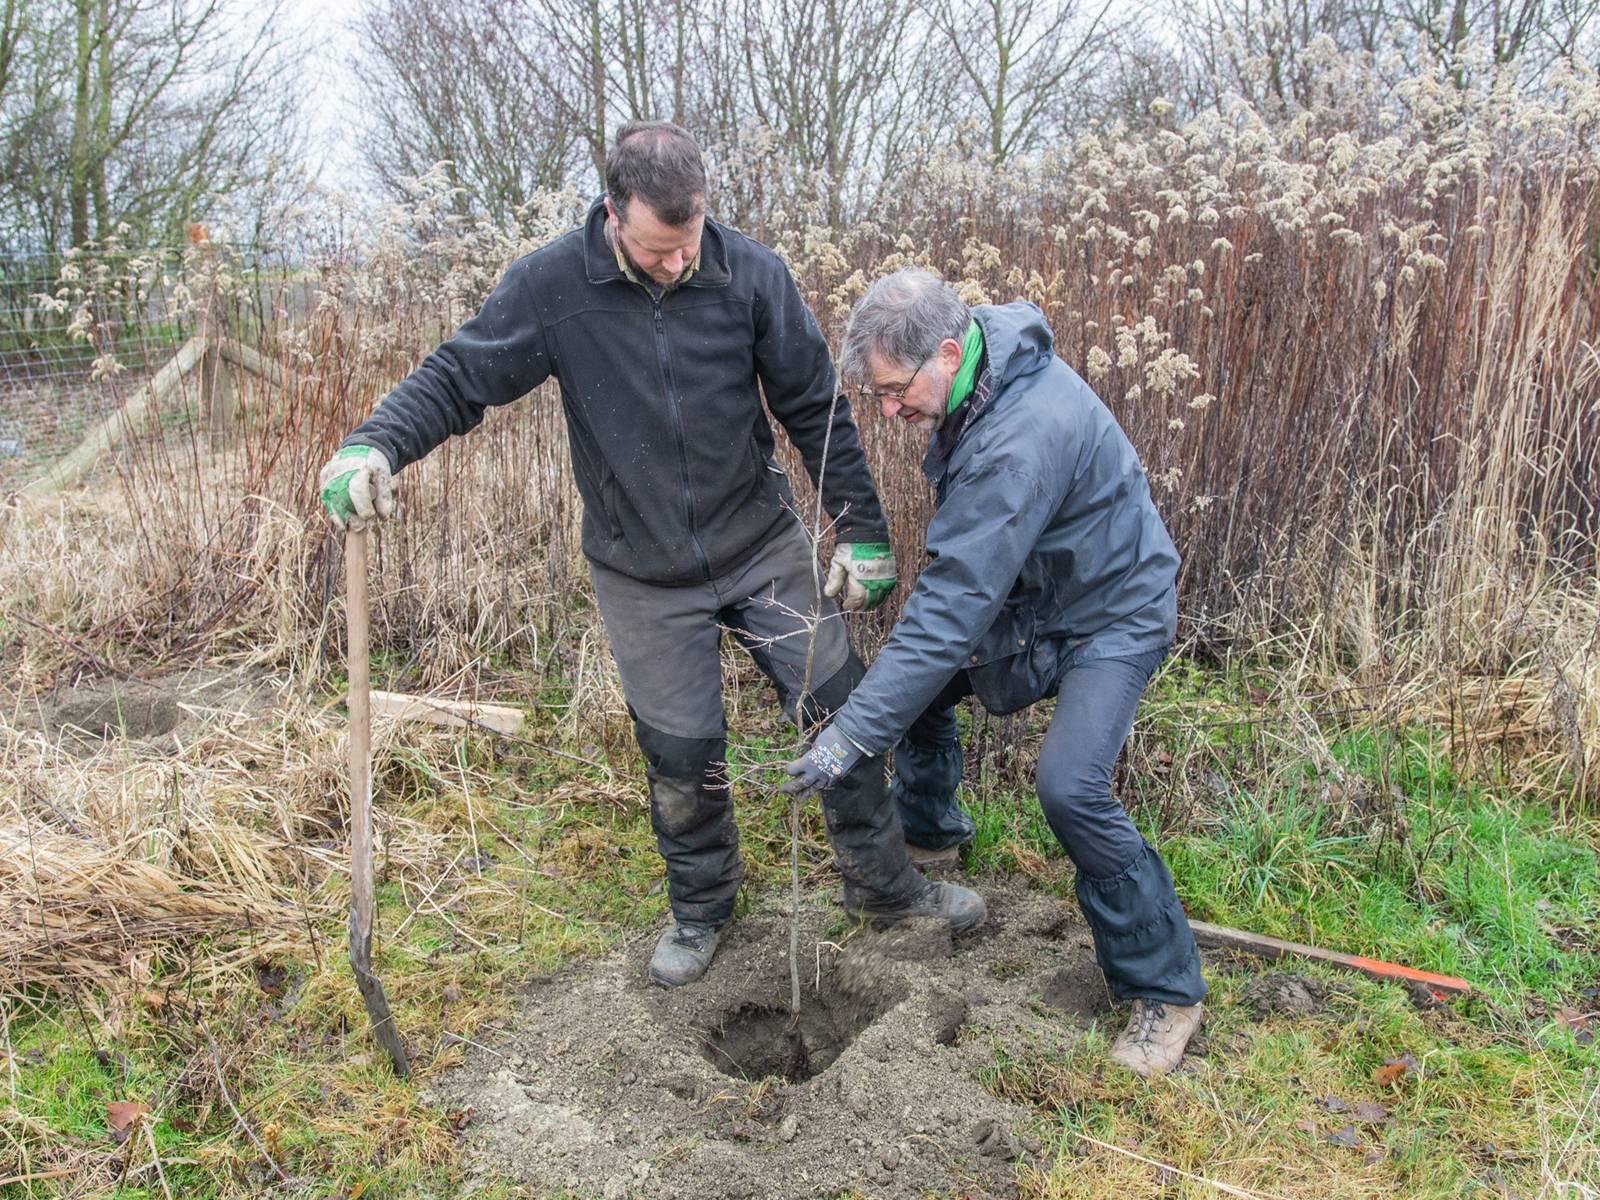 Zwei Männer pflanzen einen Baumsetzling